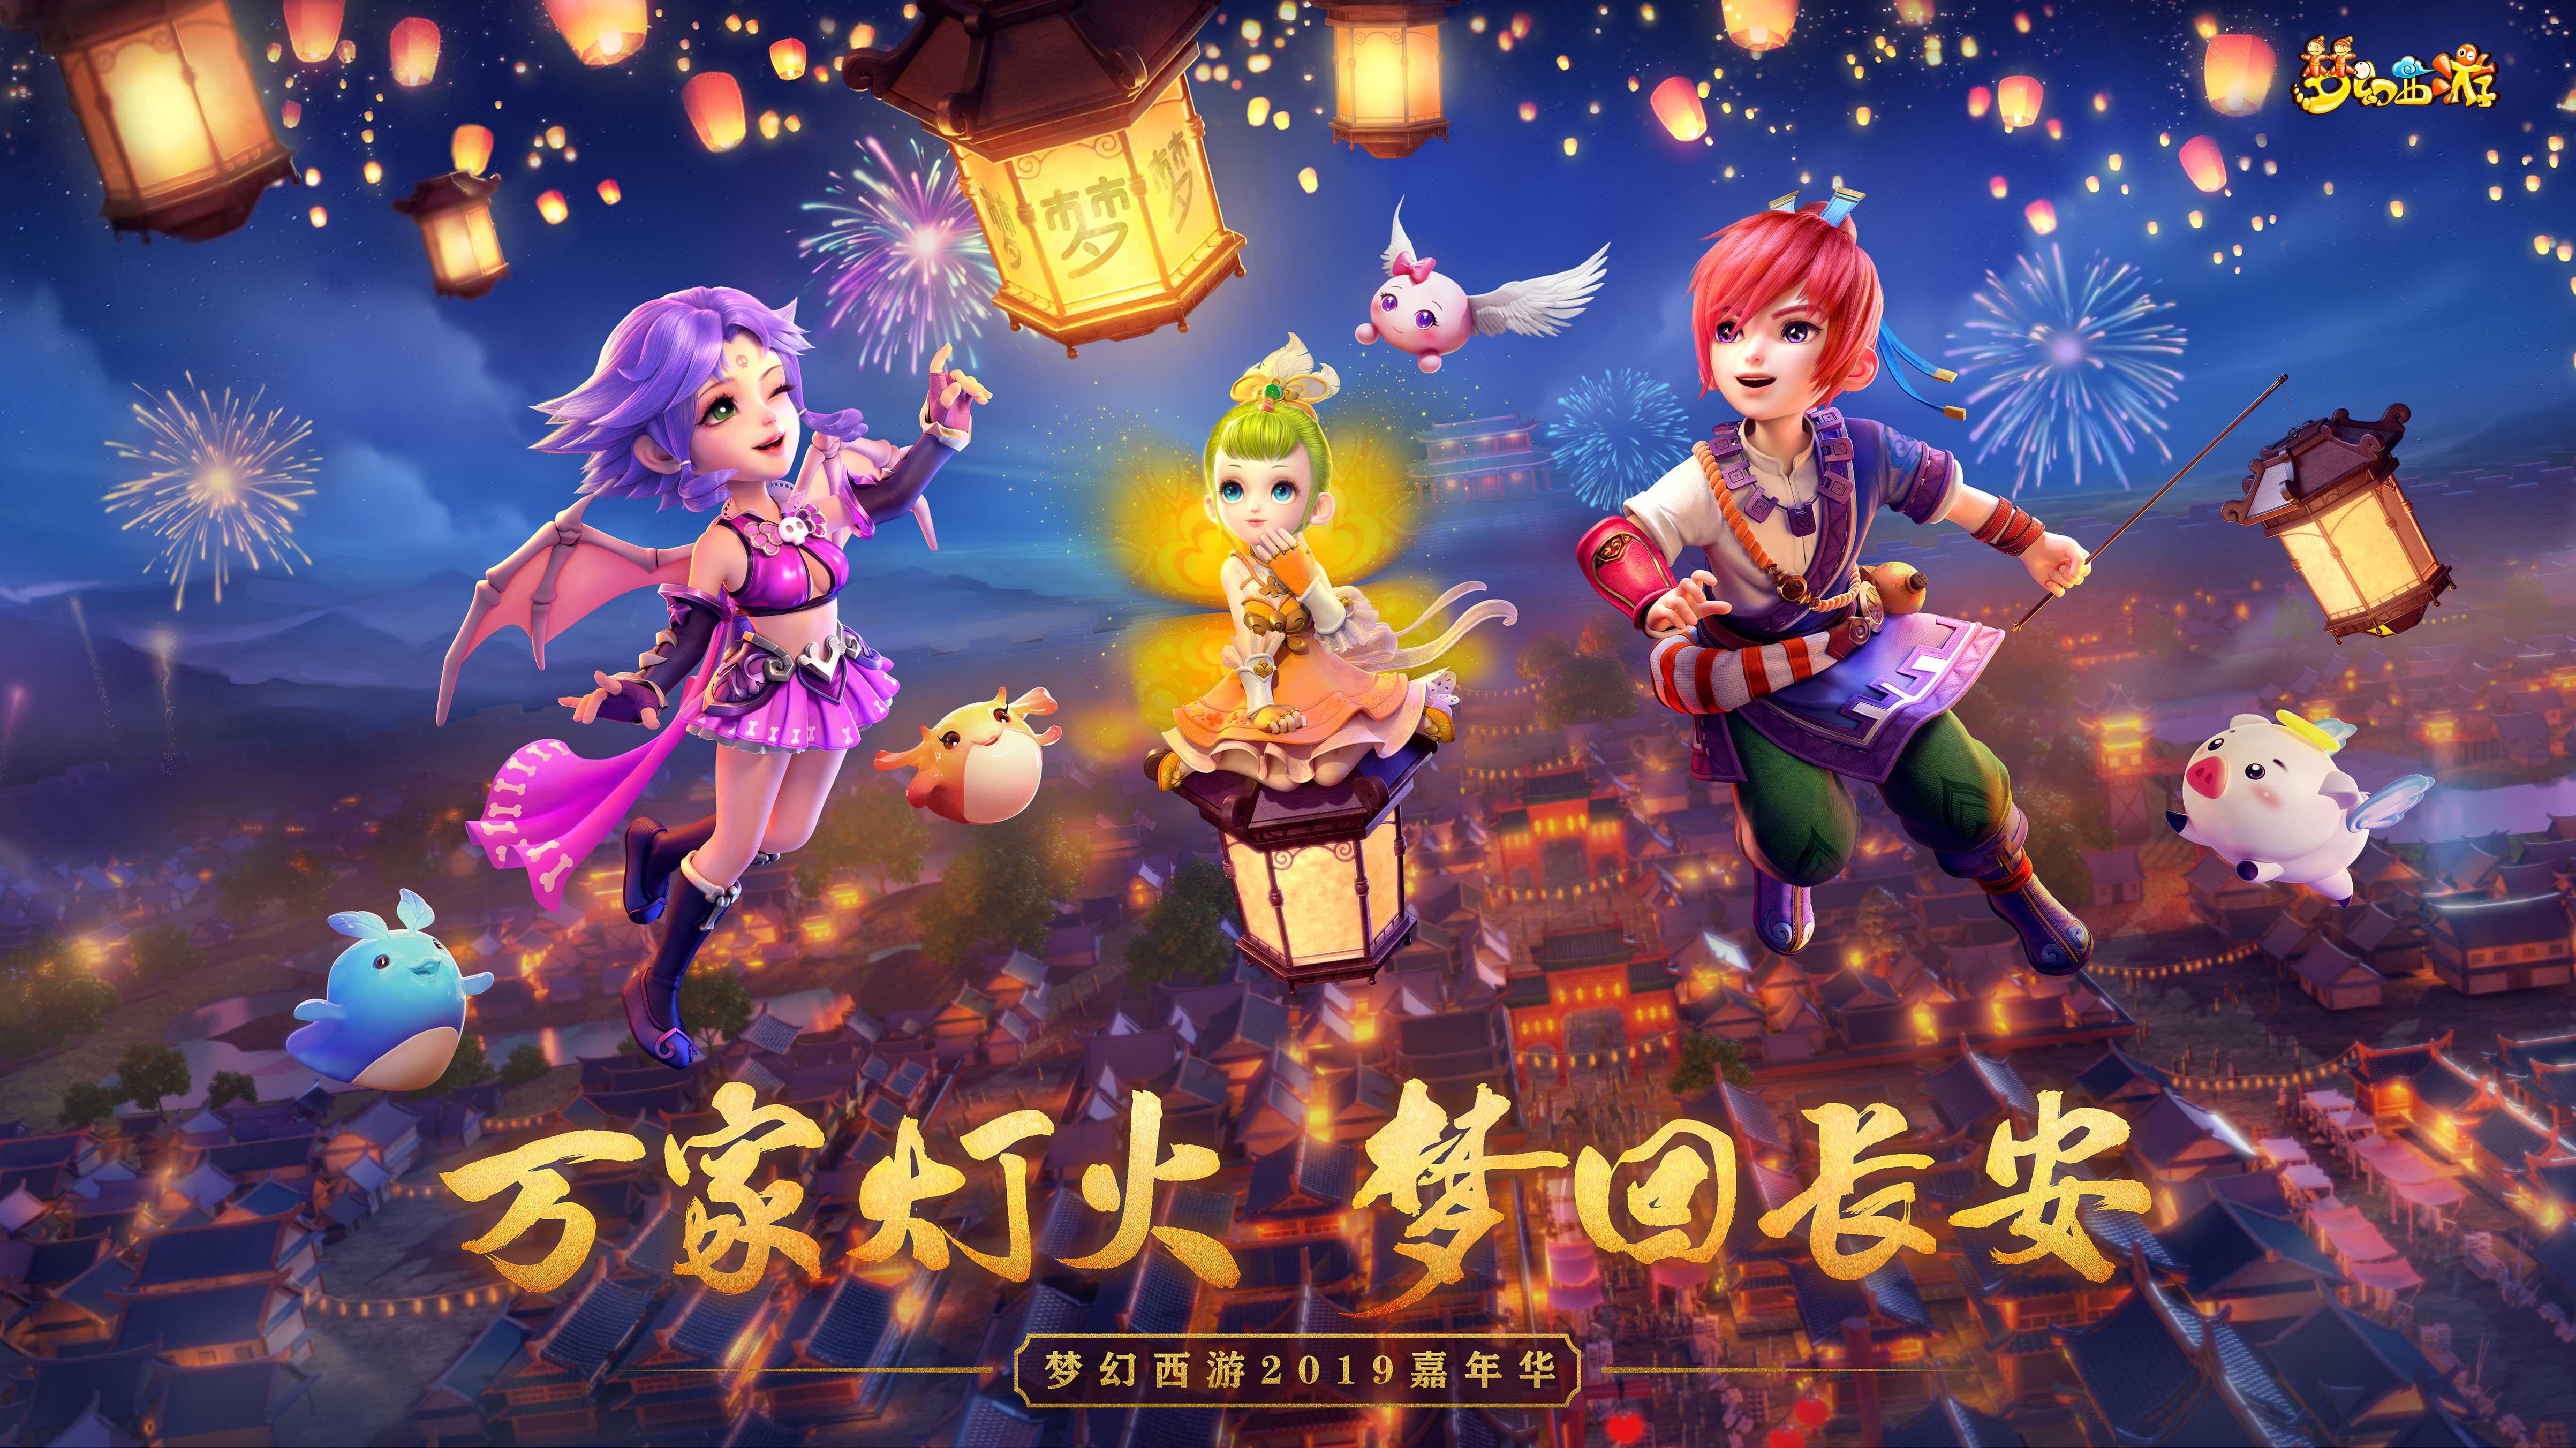 万家灯火梦回长安,梦幻西游2019嘉年华明日上线!